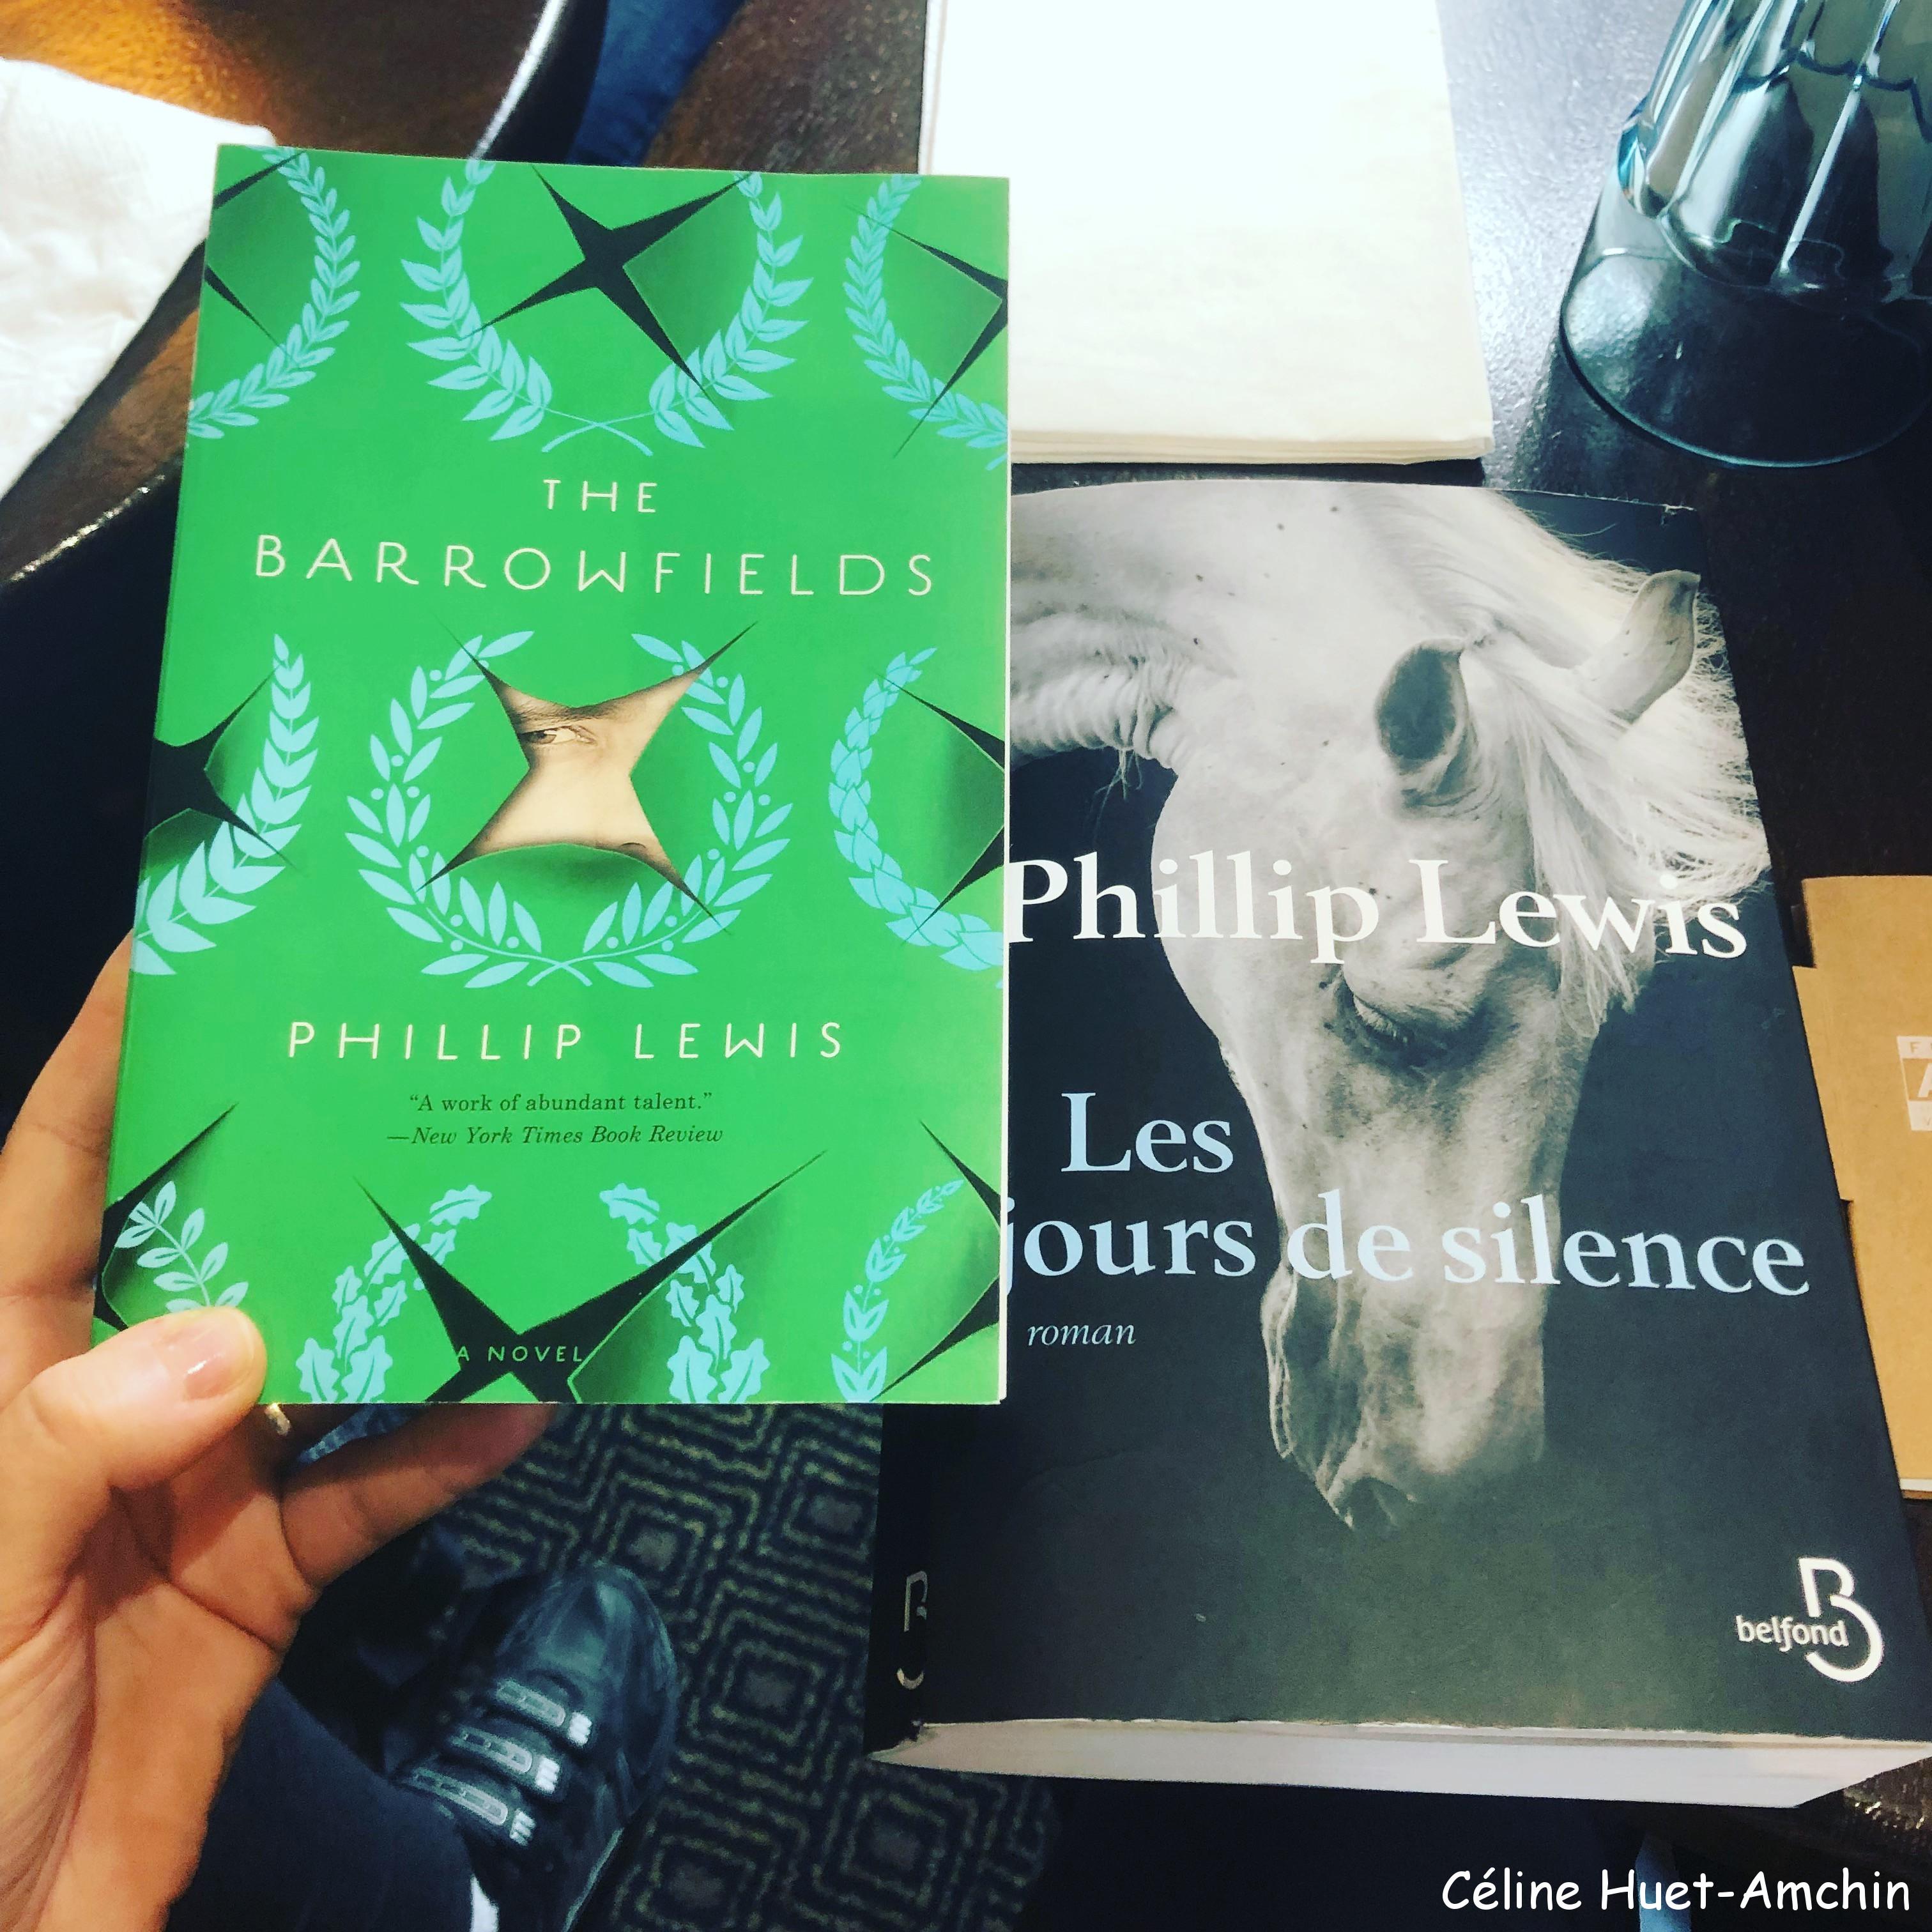 Rencontre Phillip Lewis Les jours de silence Editions Belfond 9e édition Festival America Café de La Place Vincennes